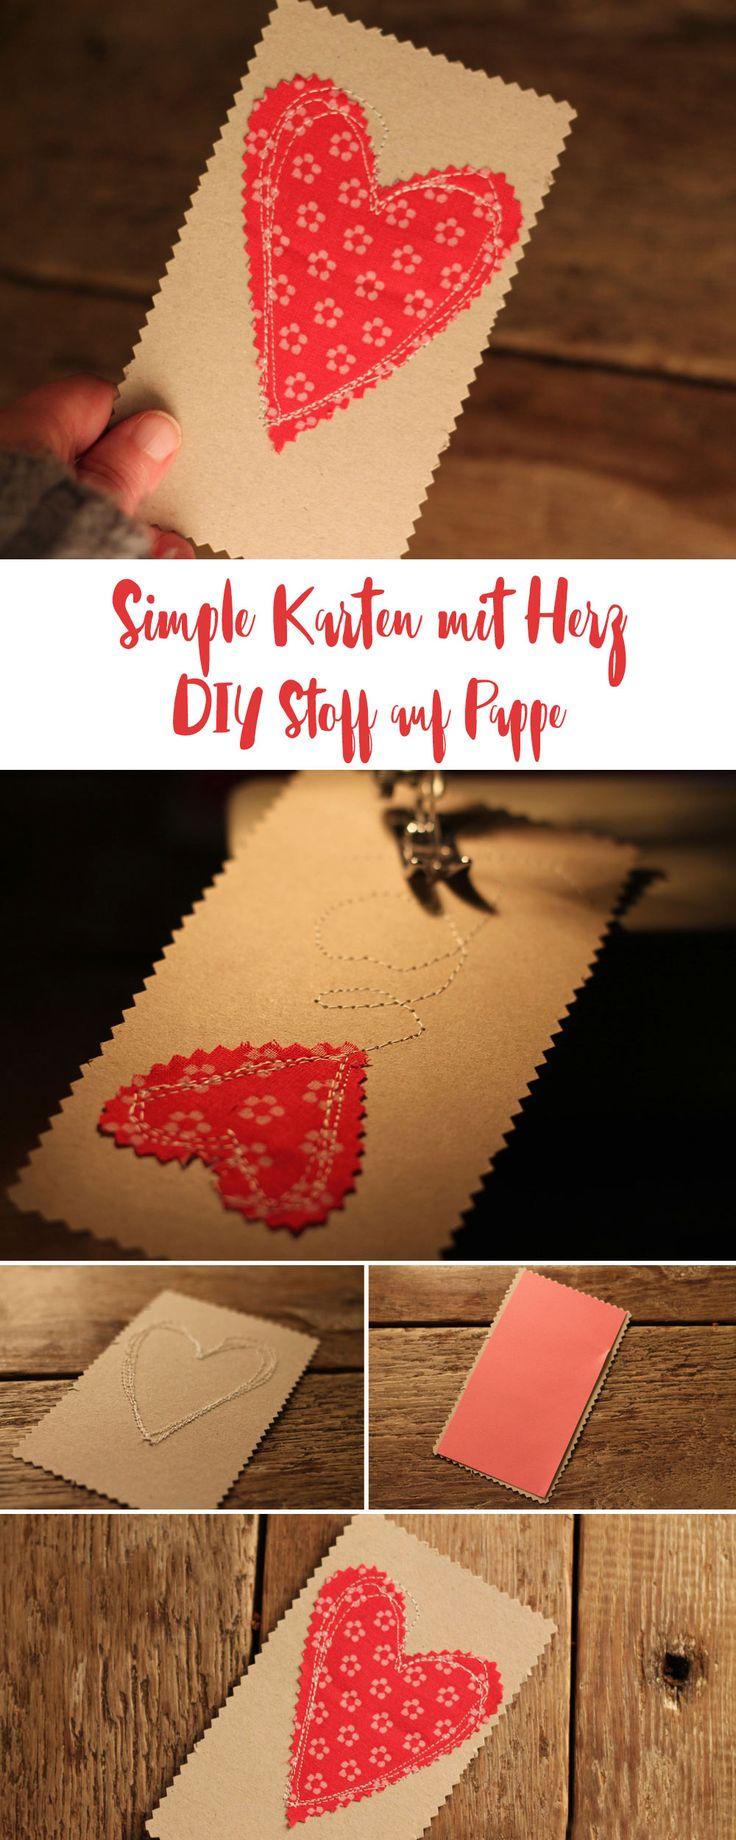 Simple Karten mit Herz basteln - Stoff auf Pappe nähen - einfache DIY Anleitung